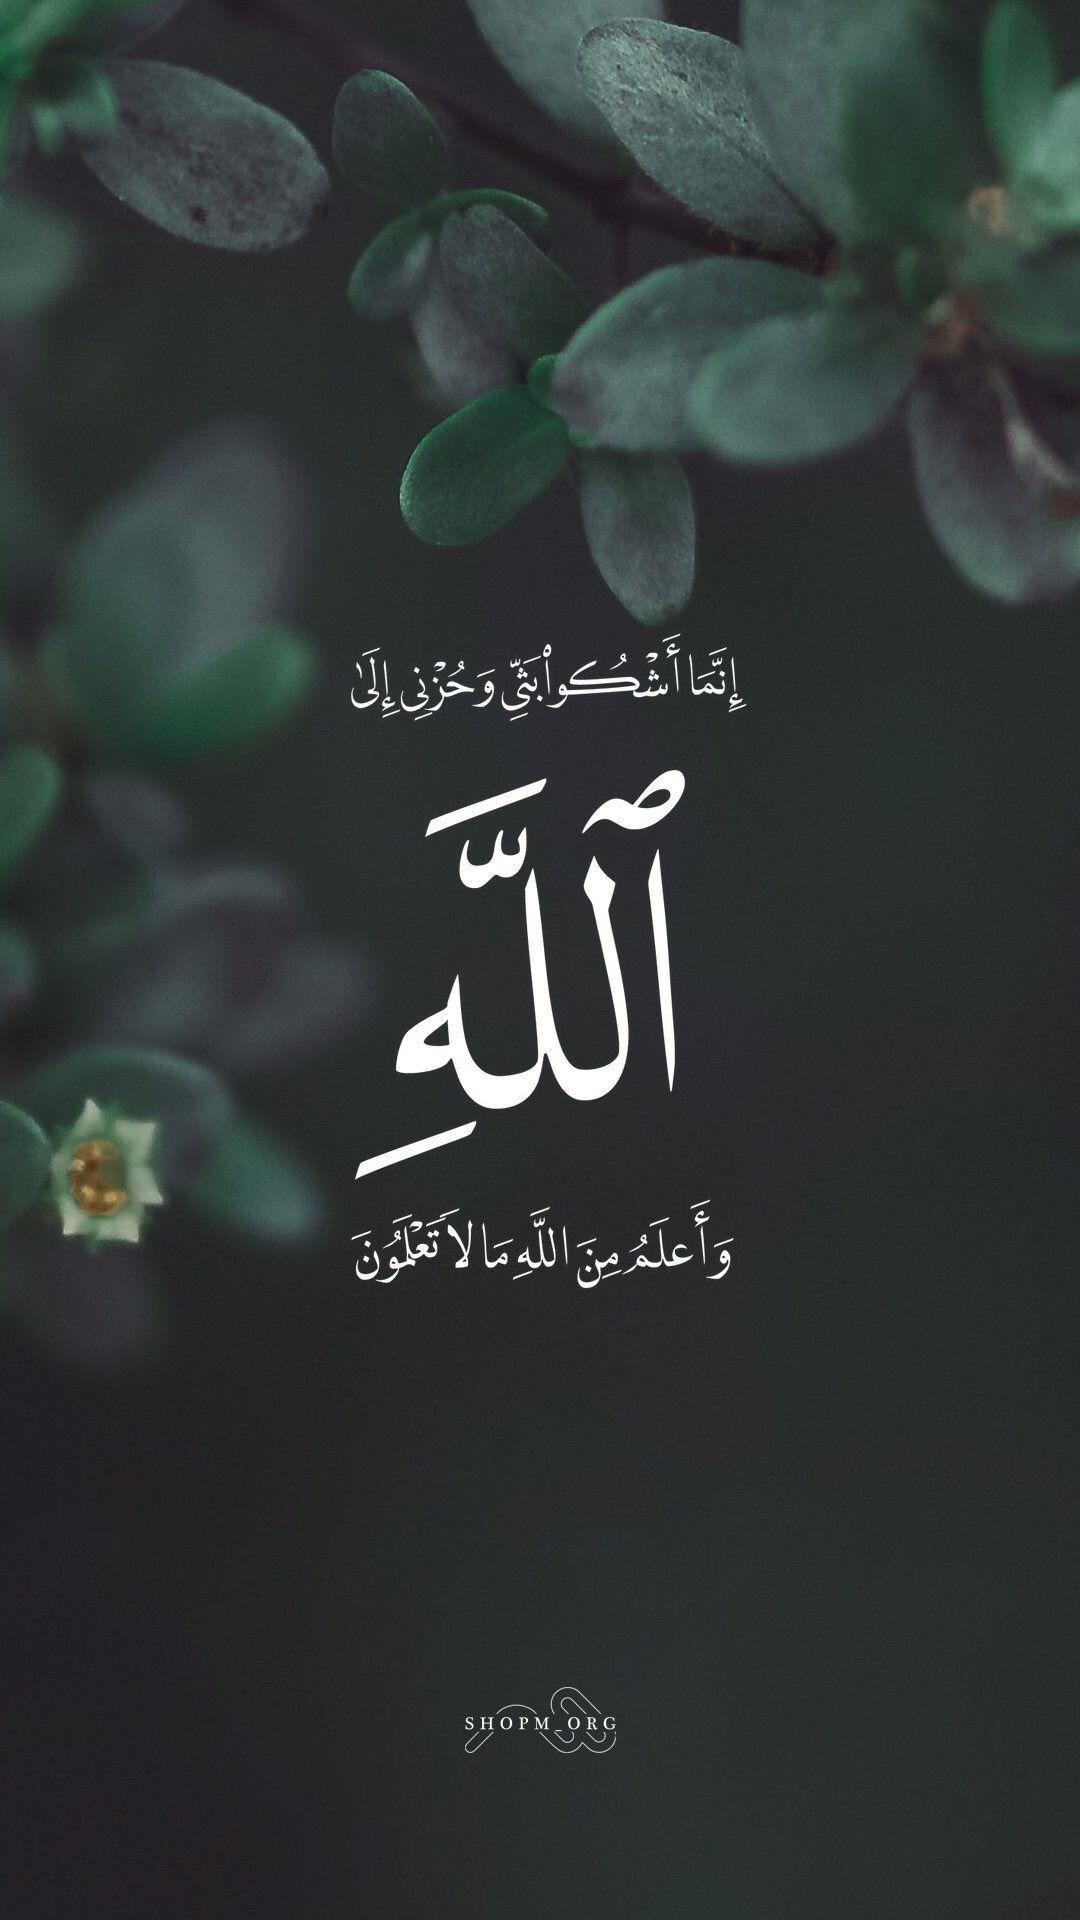 Pin De Hassan El En Corán Islam Frases En árabe Y Fondos